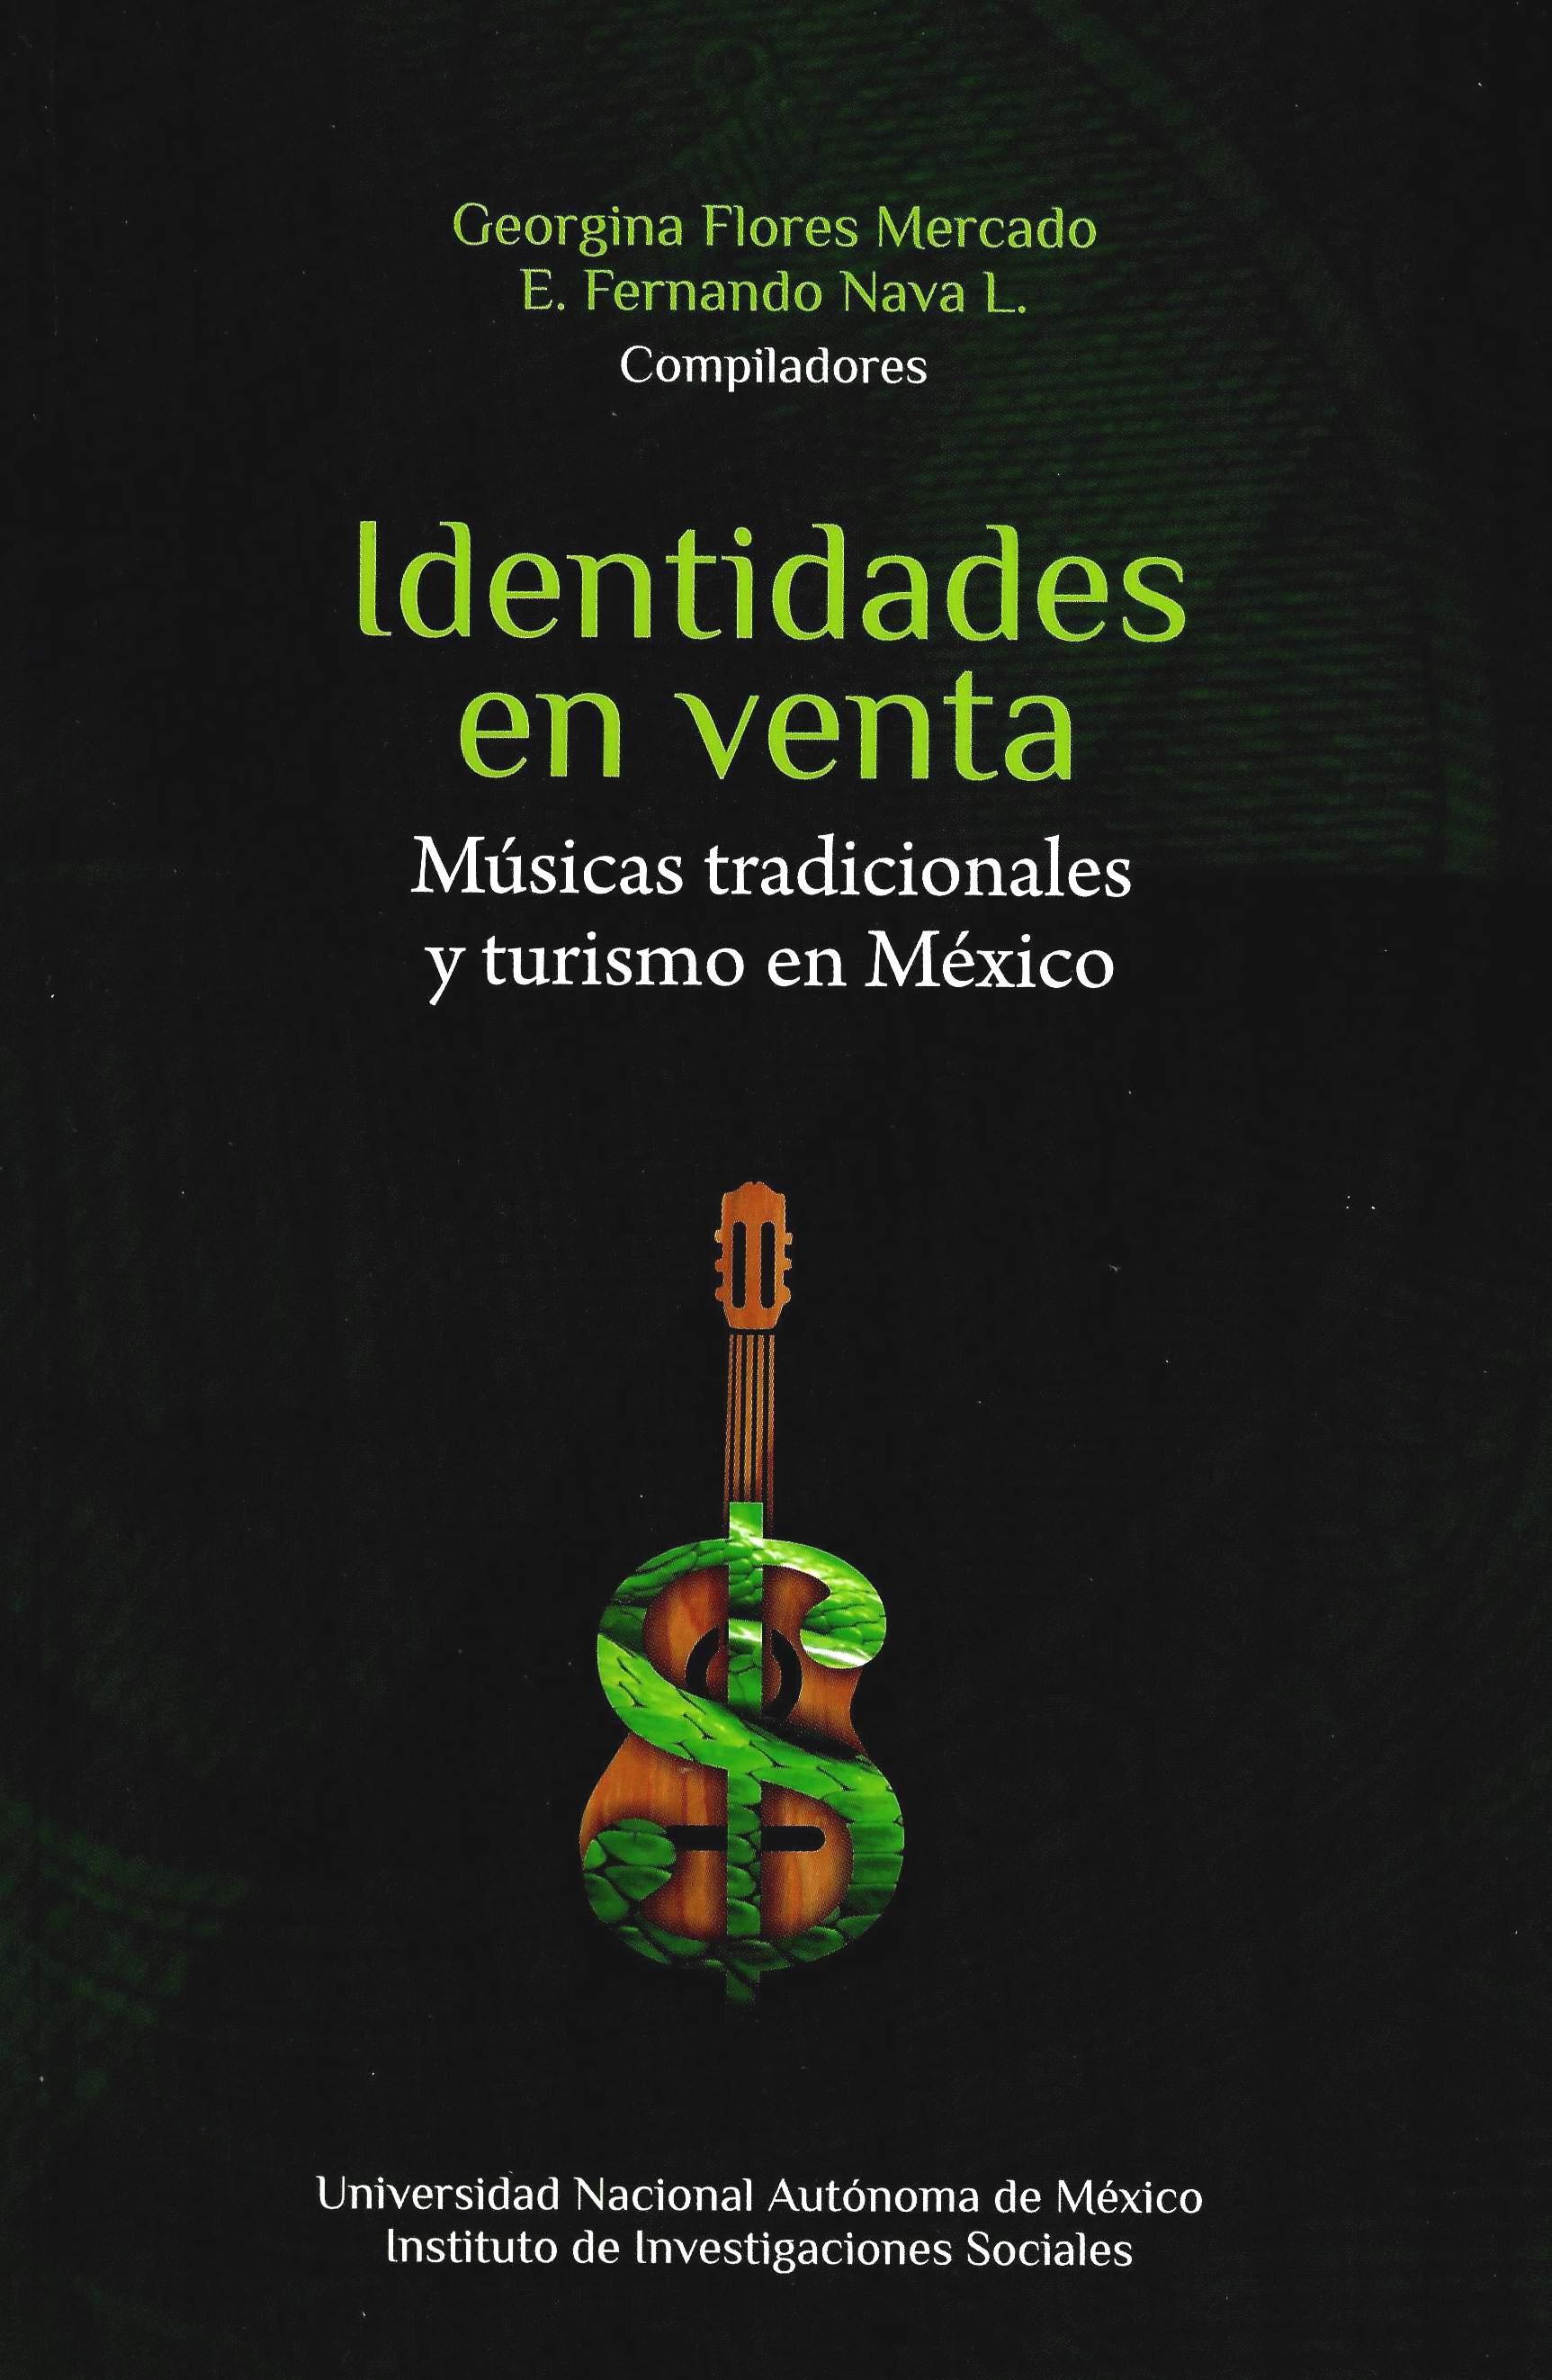 Identidades en venta. Músicas tradicionales y turismo en México